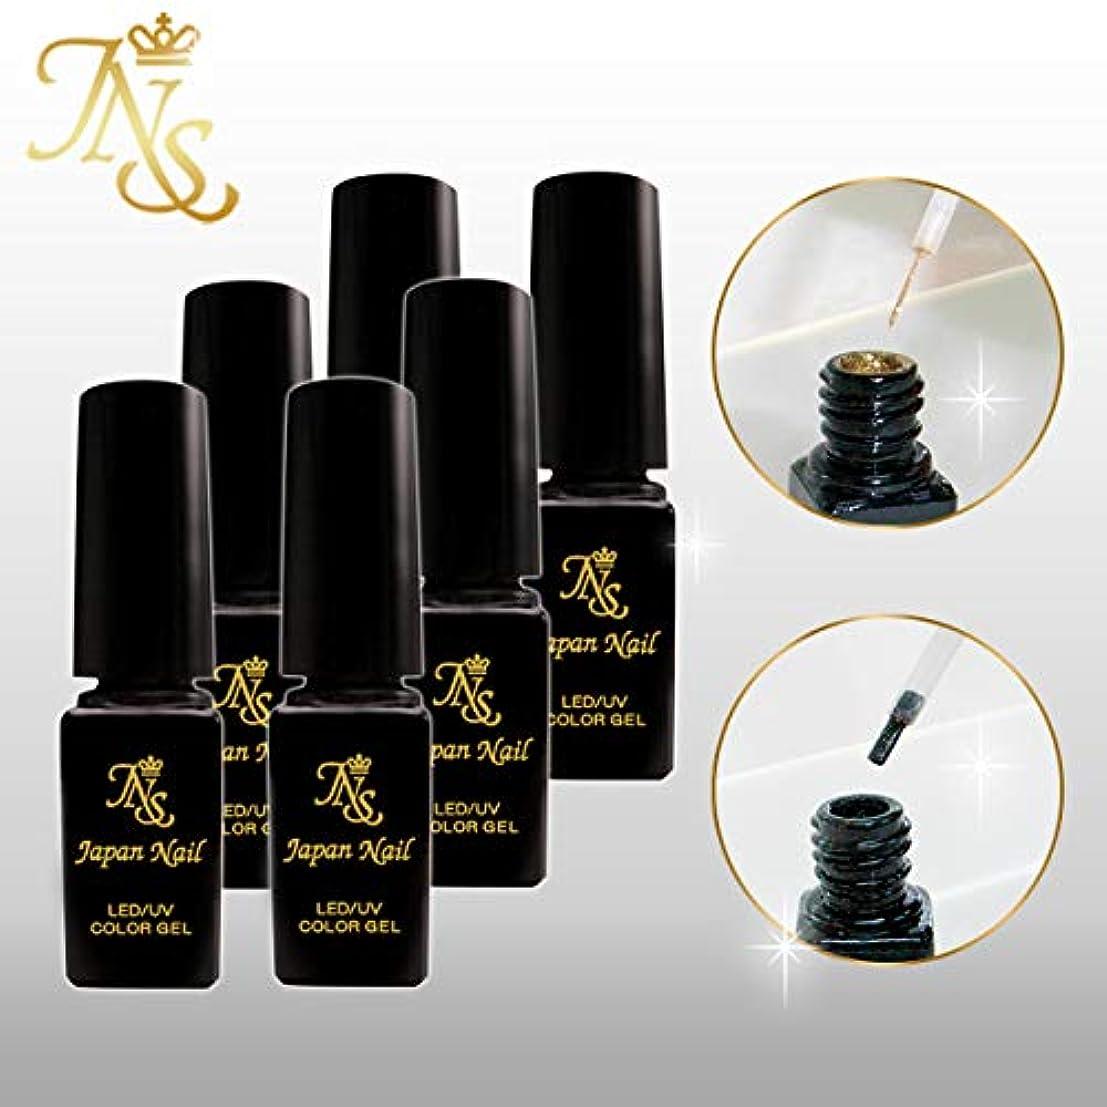 化粧クライマックス収束する日本初!ライナーとショート刷毛が選べるカラージェルLED UVソークオフ5mlリトル 選べるカラー6本セット